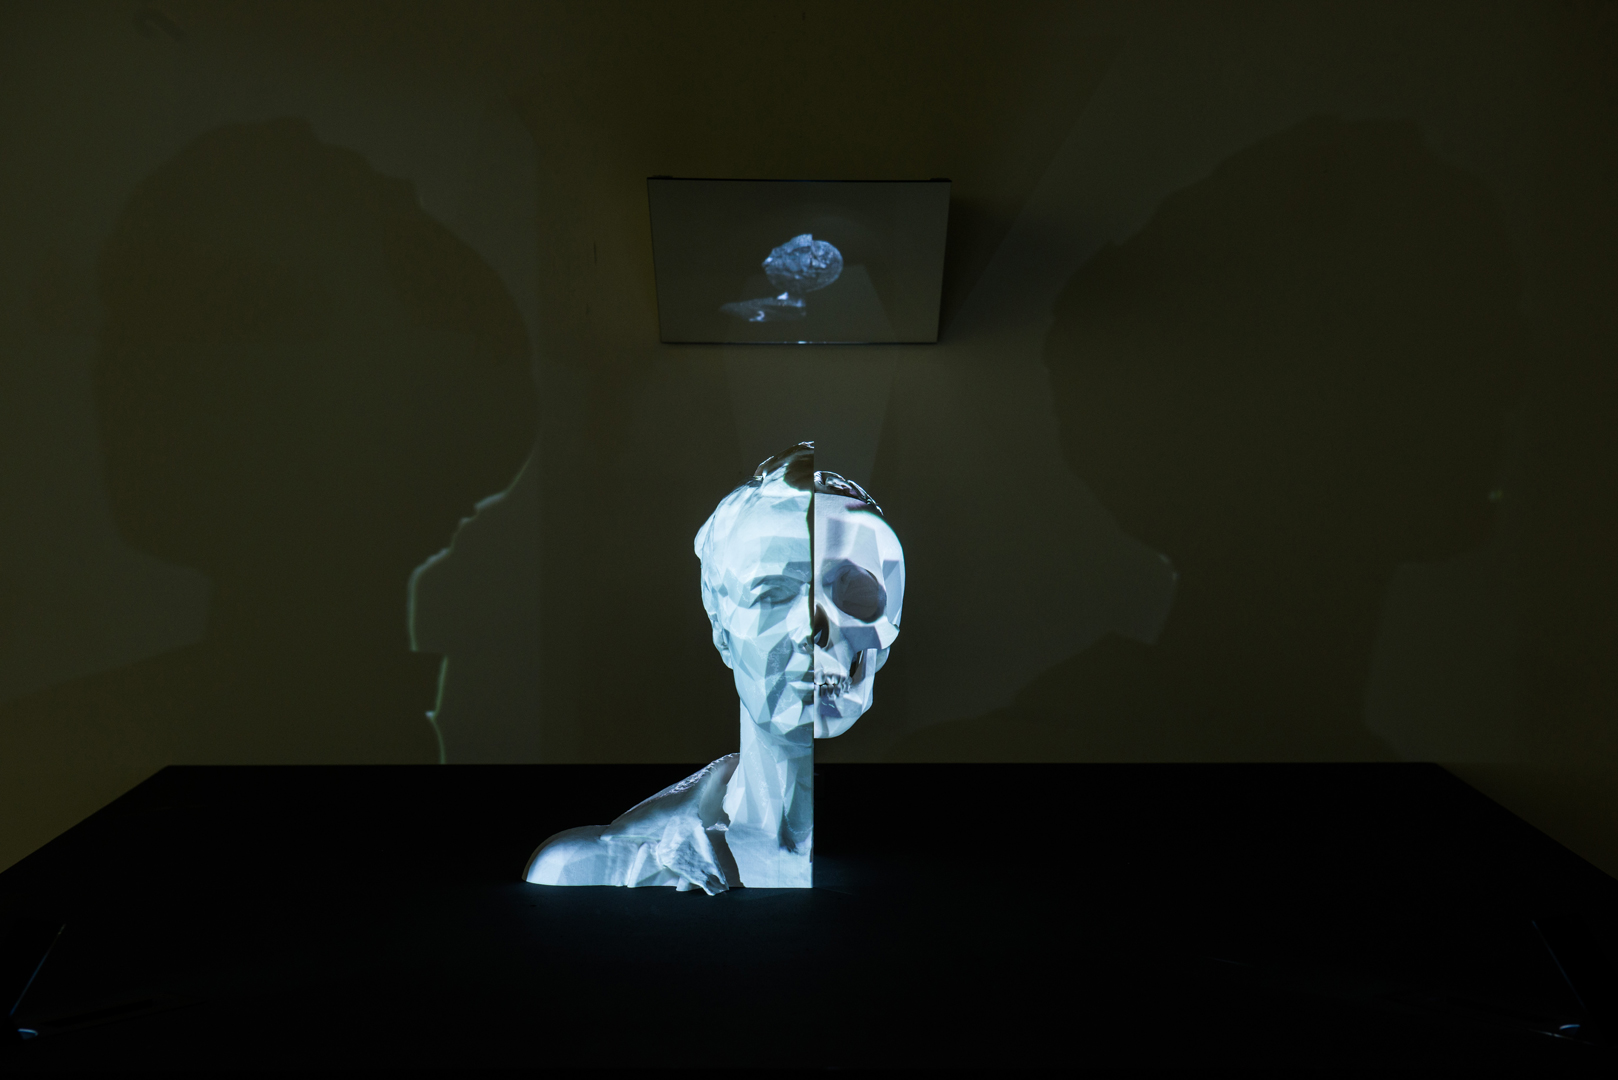 ©2015, Jane Prophet, Neuro memento mori: a portrait of the artist contemplating death